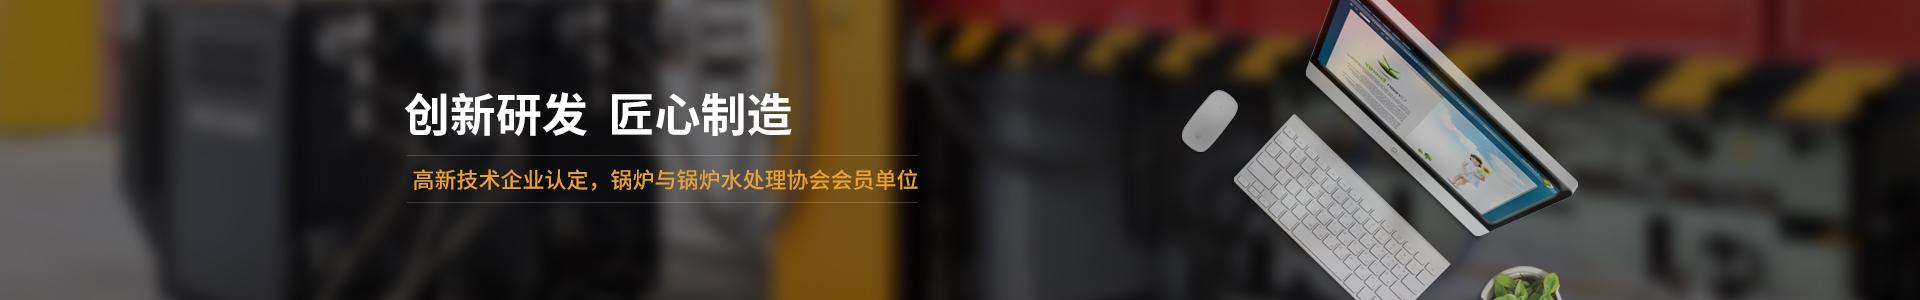 高新技术企业认定,锅炉与锅炉水处理协会会员单位